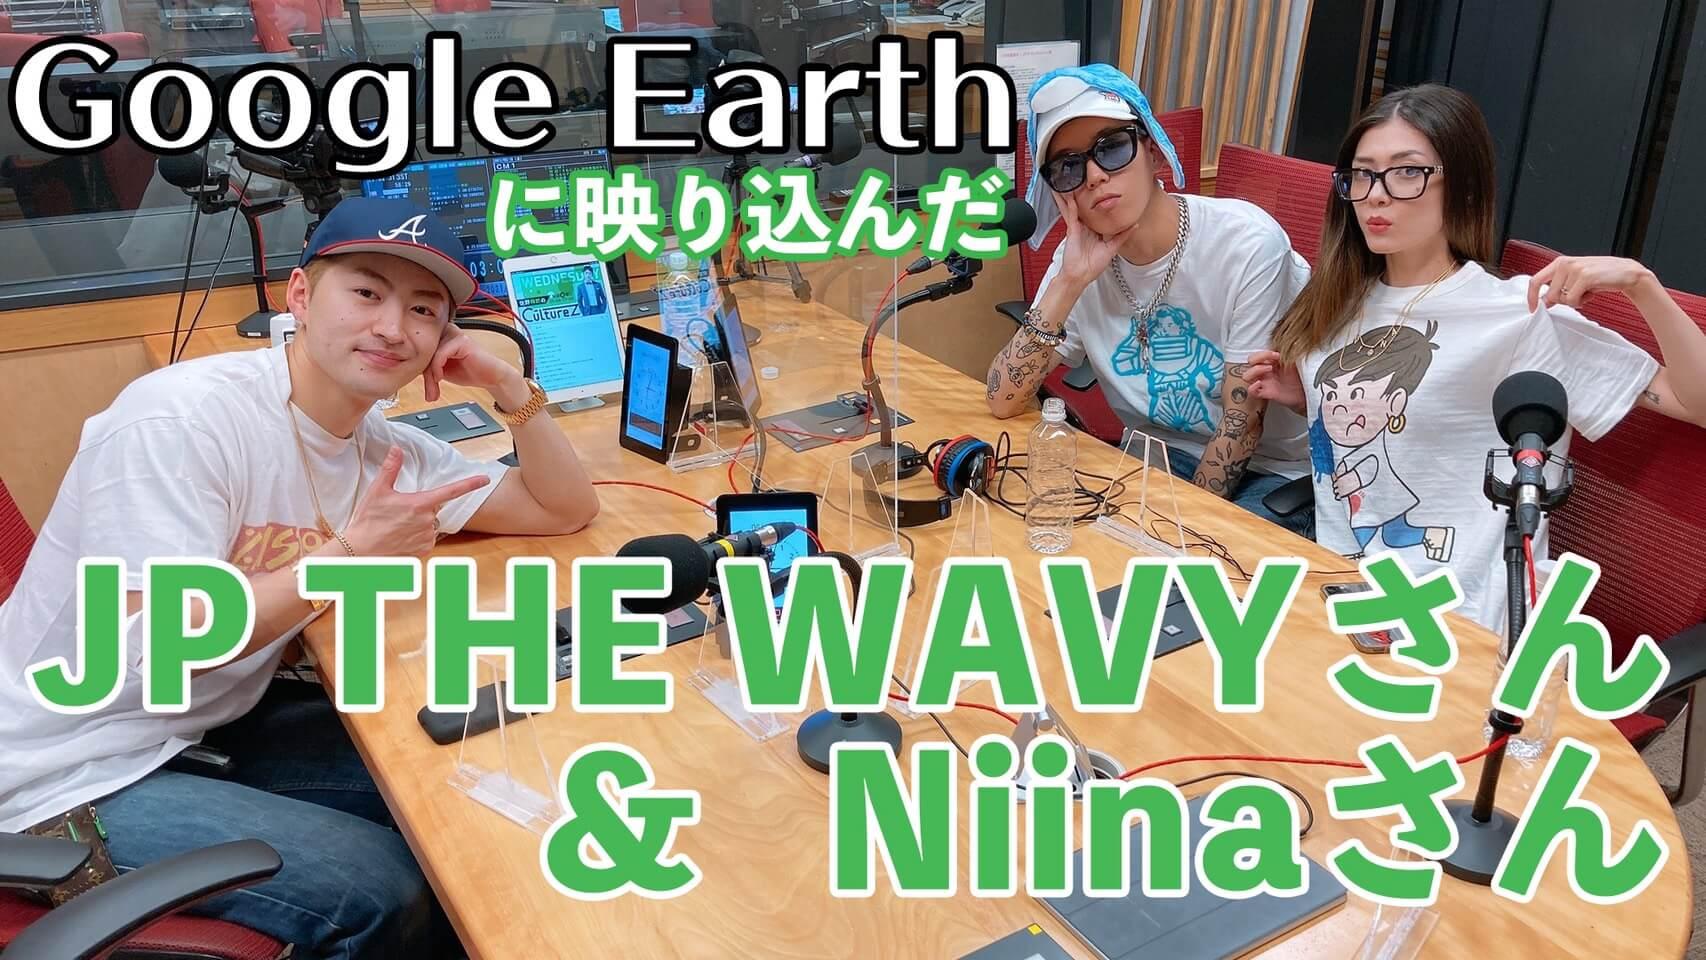 Google Earthに映りこんだJP THE WAVYさん&Niinaさん!